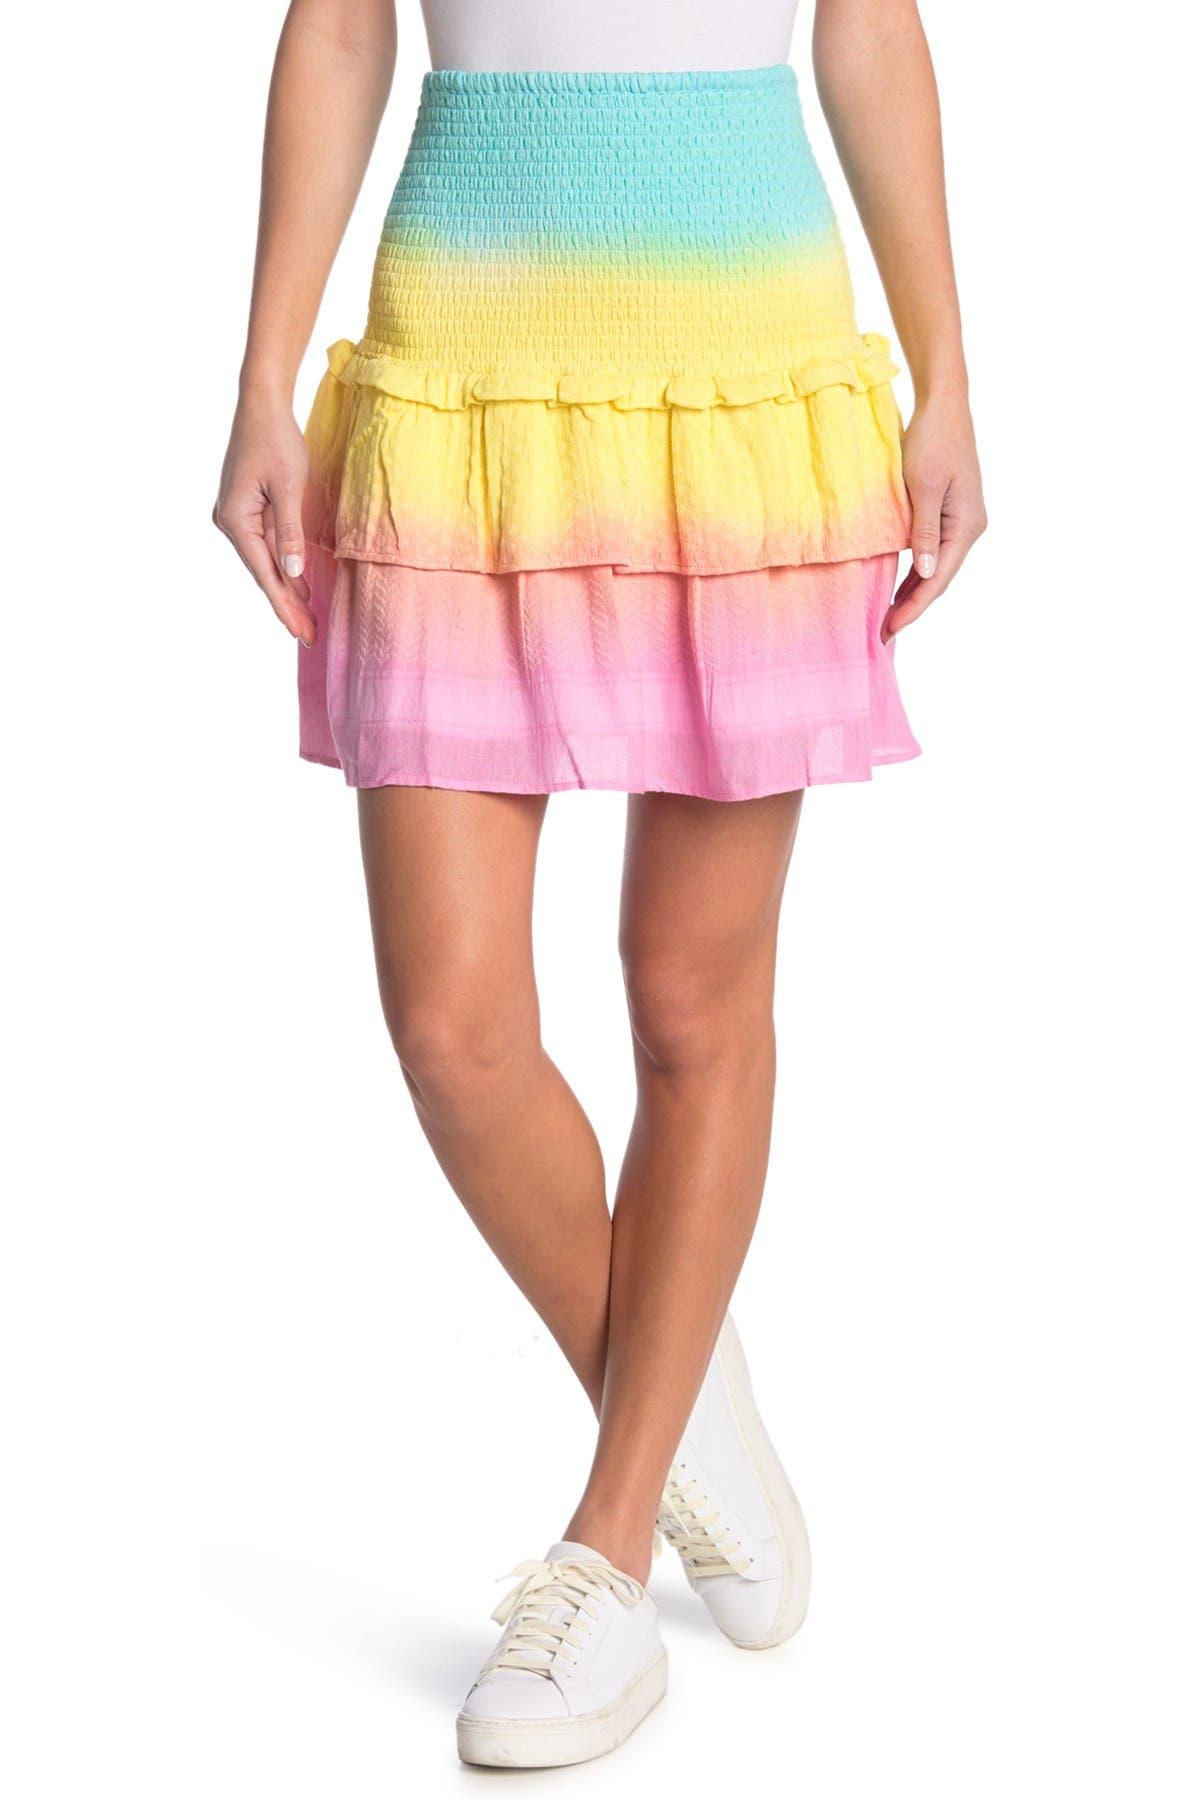 Vintage Skirts | Retro, Pencil, Swing, Boho Cecilie Copenhagen Nola Skirt Size M - Soda at Nordstrom Rack $64.97 AT vintagedancer.com